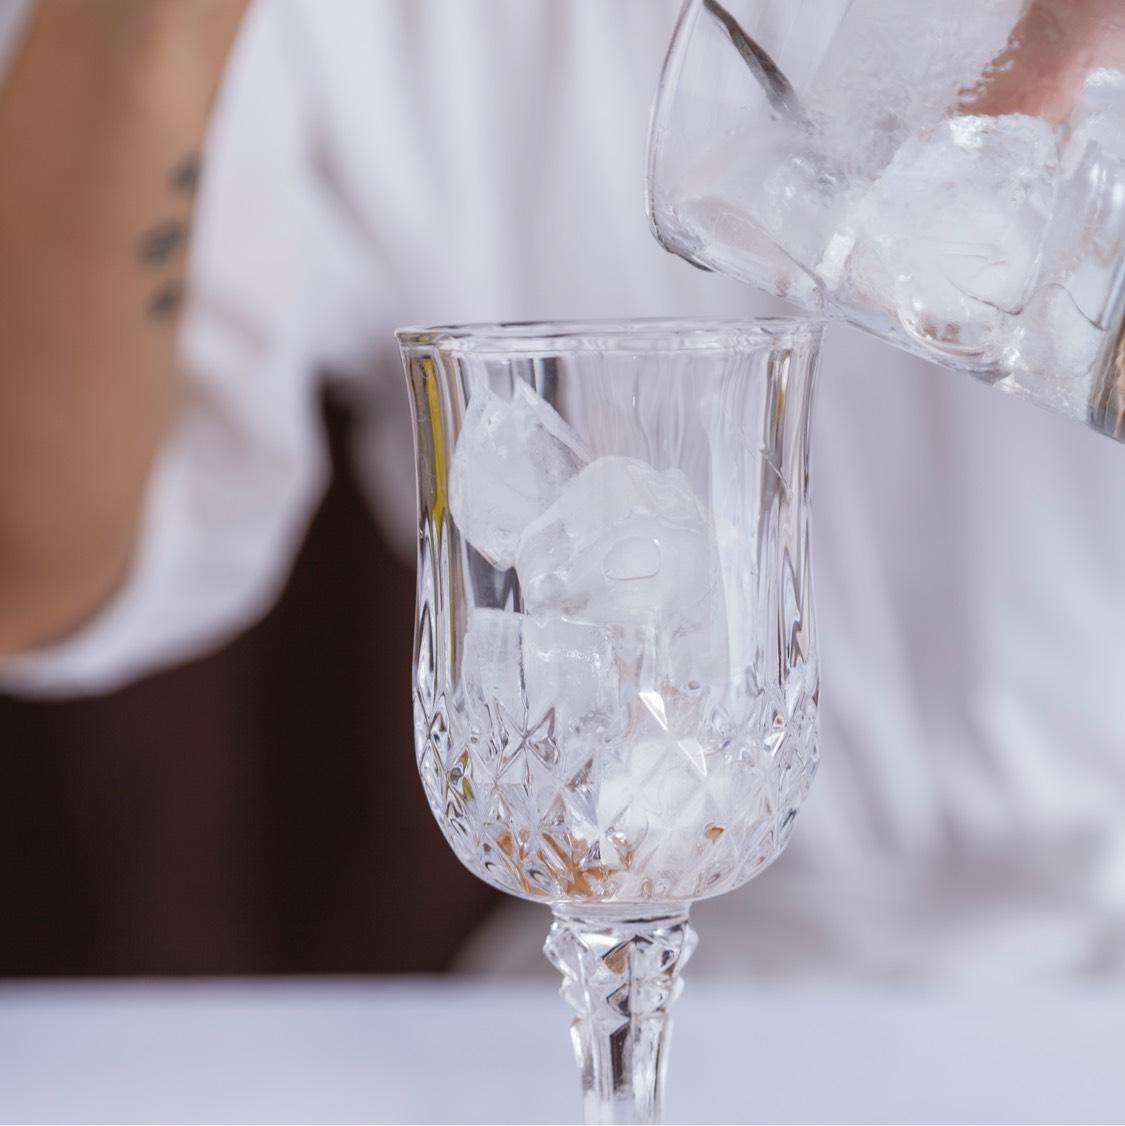 杯中加满冰块